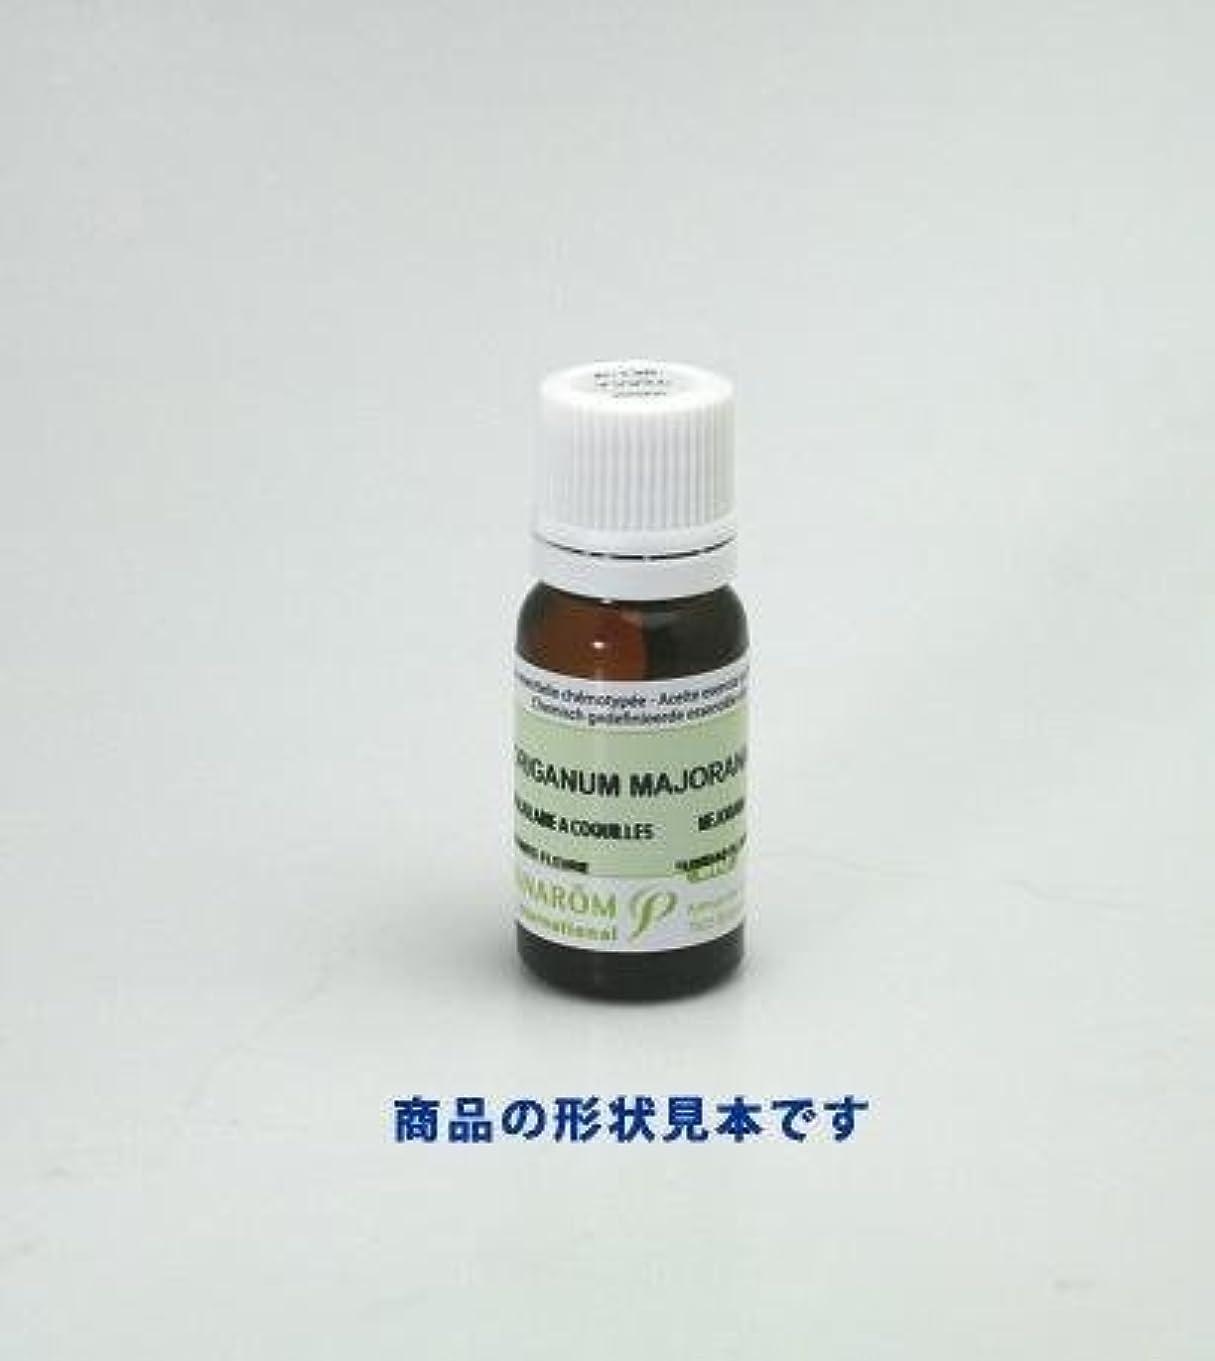 コールドボートストレスプラナロム精油 レモンバーベナ(P-106)